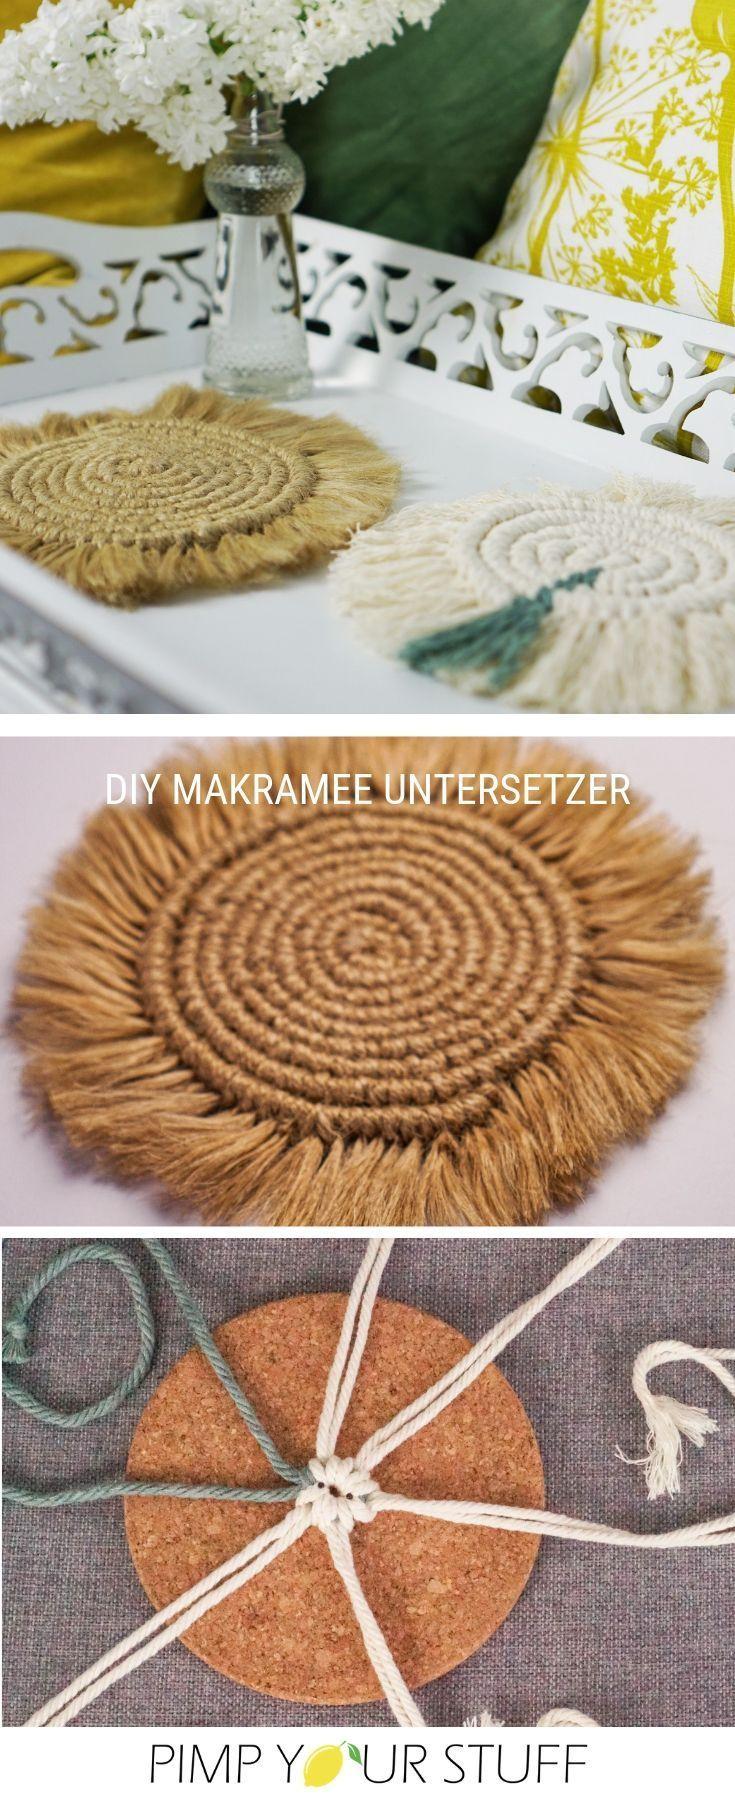 Photo of Machen Sie selbst Makramee-Untersetzer – Pimp Your Stuff